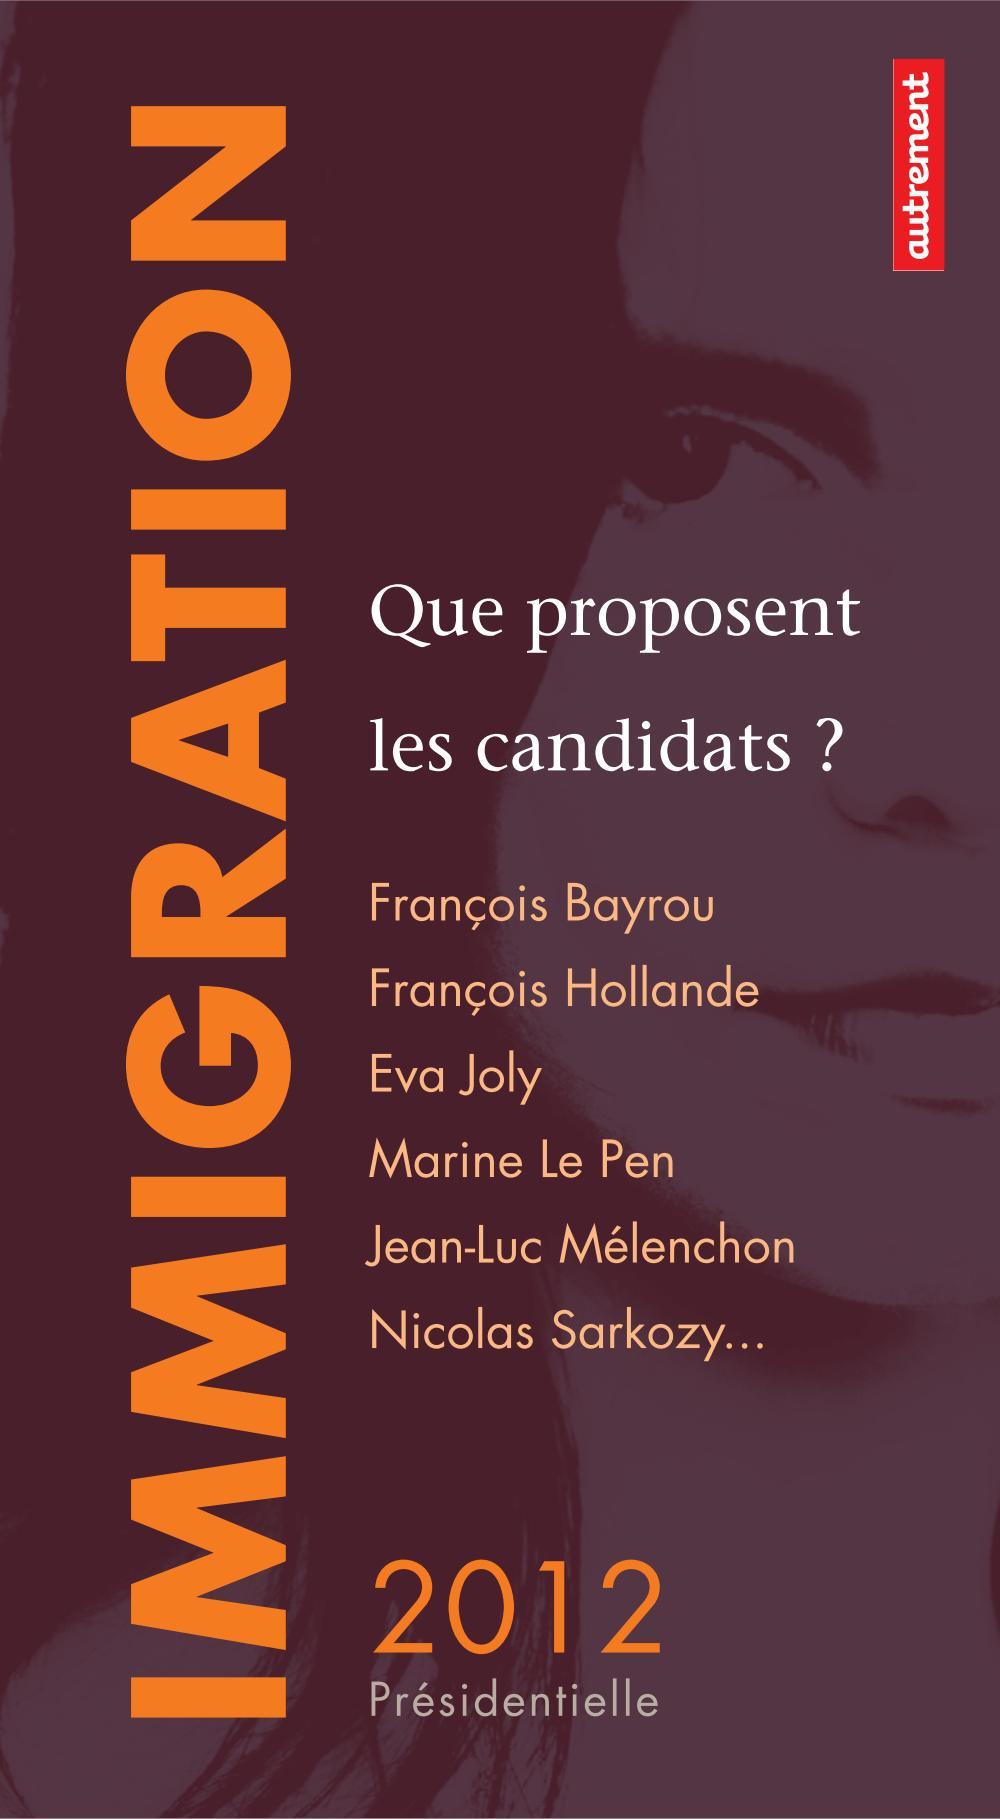 Immigration : que proposent les candidats ?, FRANÇOIS BAYROU, FRANÇOIS HOLLANDE, EVA JOLY, MARINE LE PEN, JEAN-LUC MÉLENCHON, NICOLAS SARKOZY...